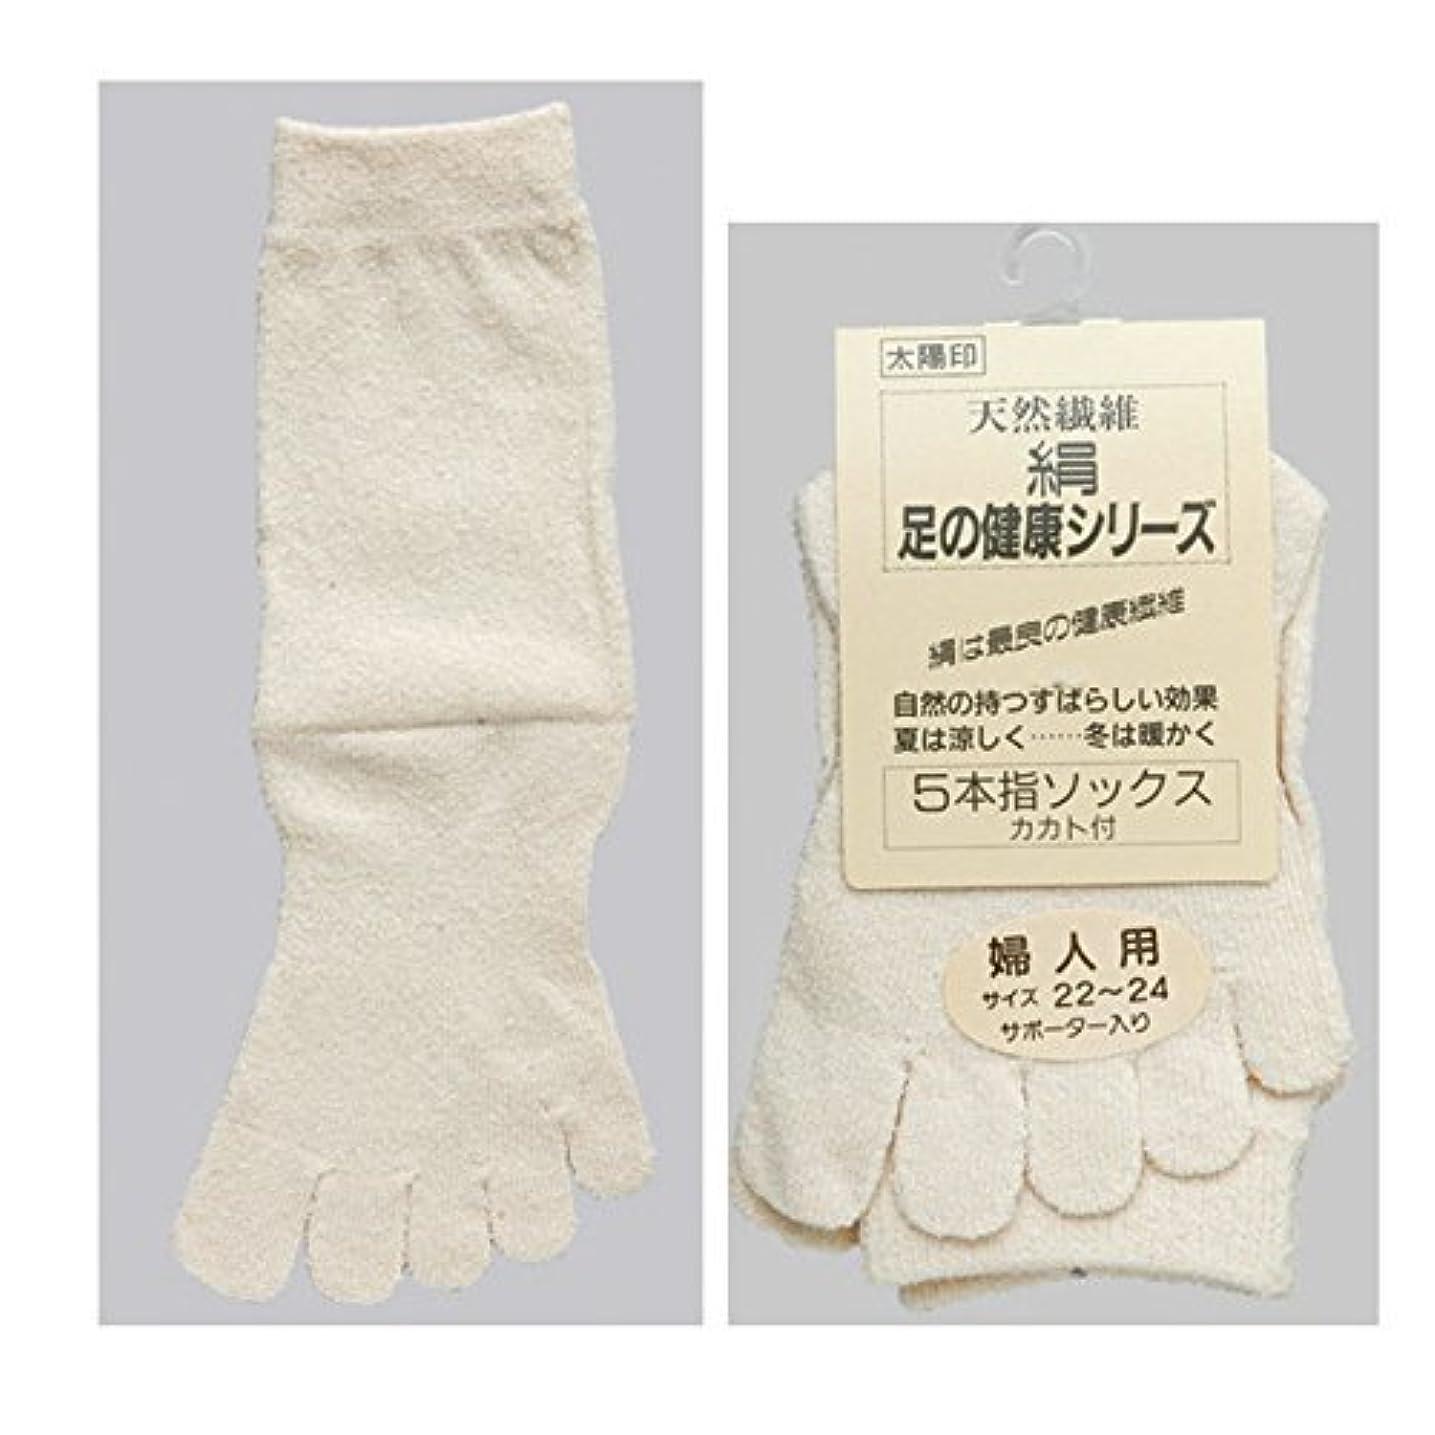 負寄生虫会計日本製 シルク5本指ソックス 婦人用3足組 22-24cm (オフ白 お買得3足組) 敬老の日プレゼント